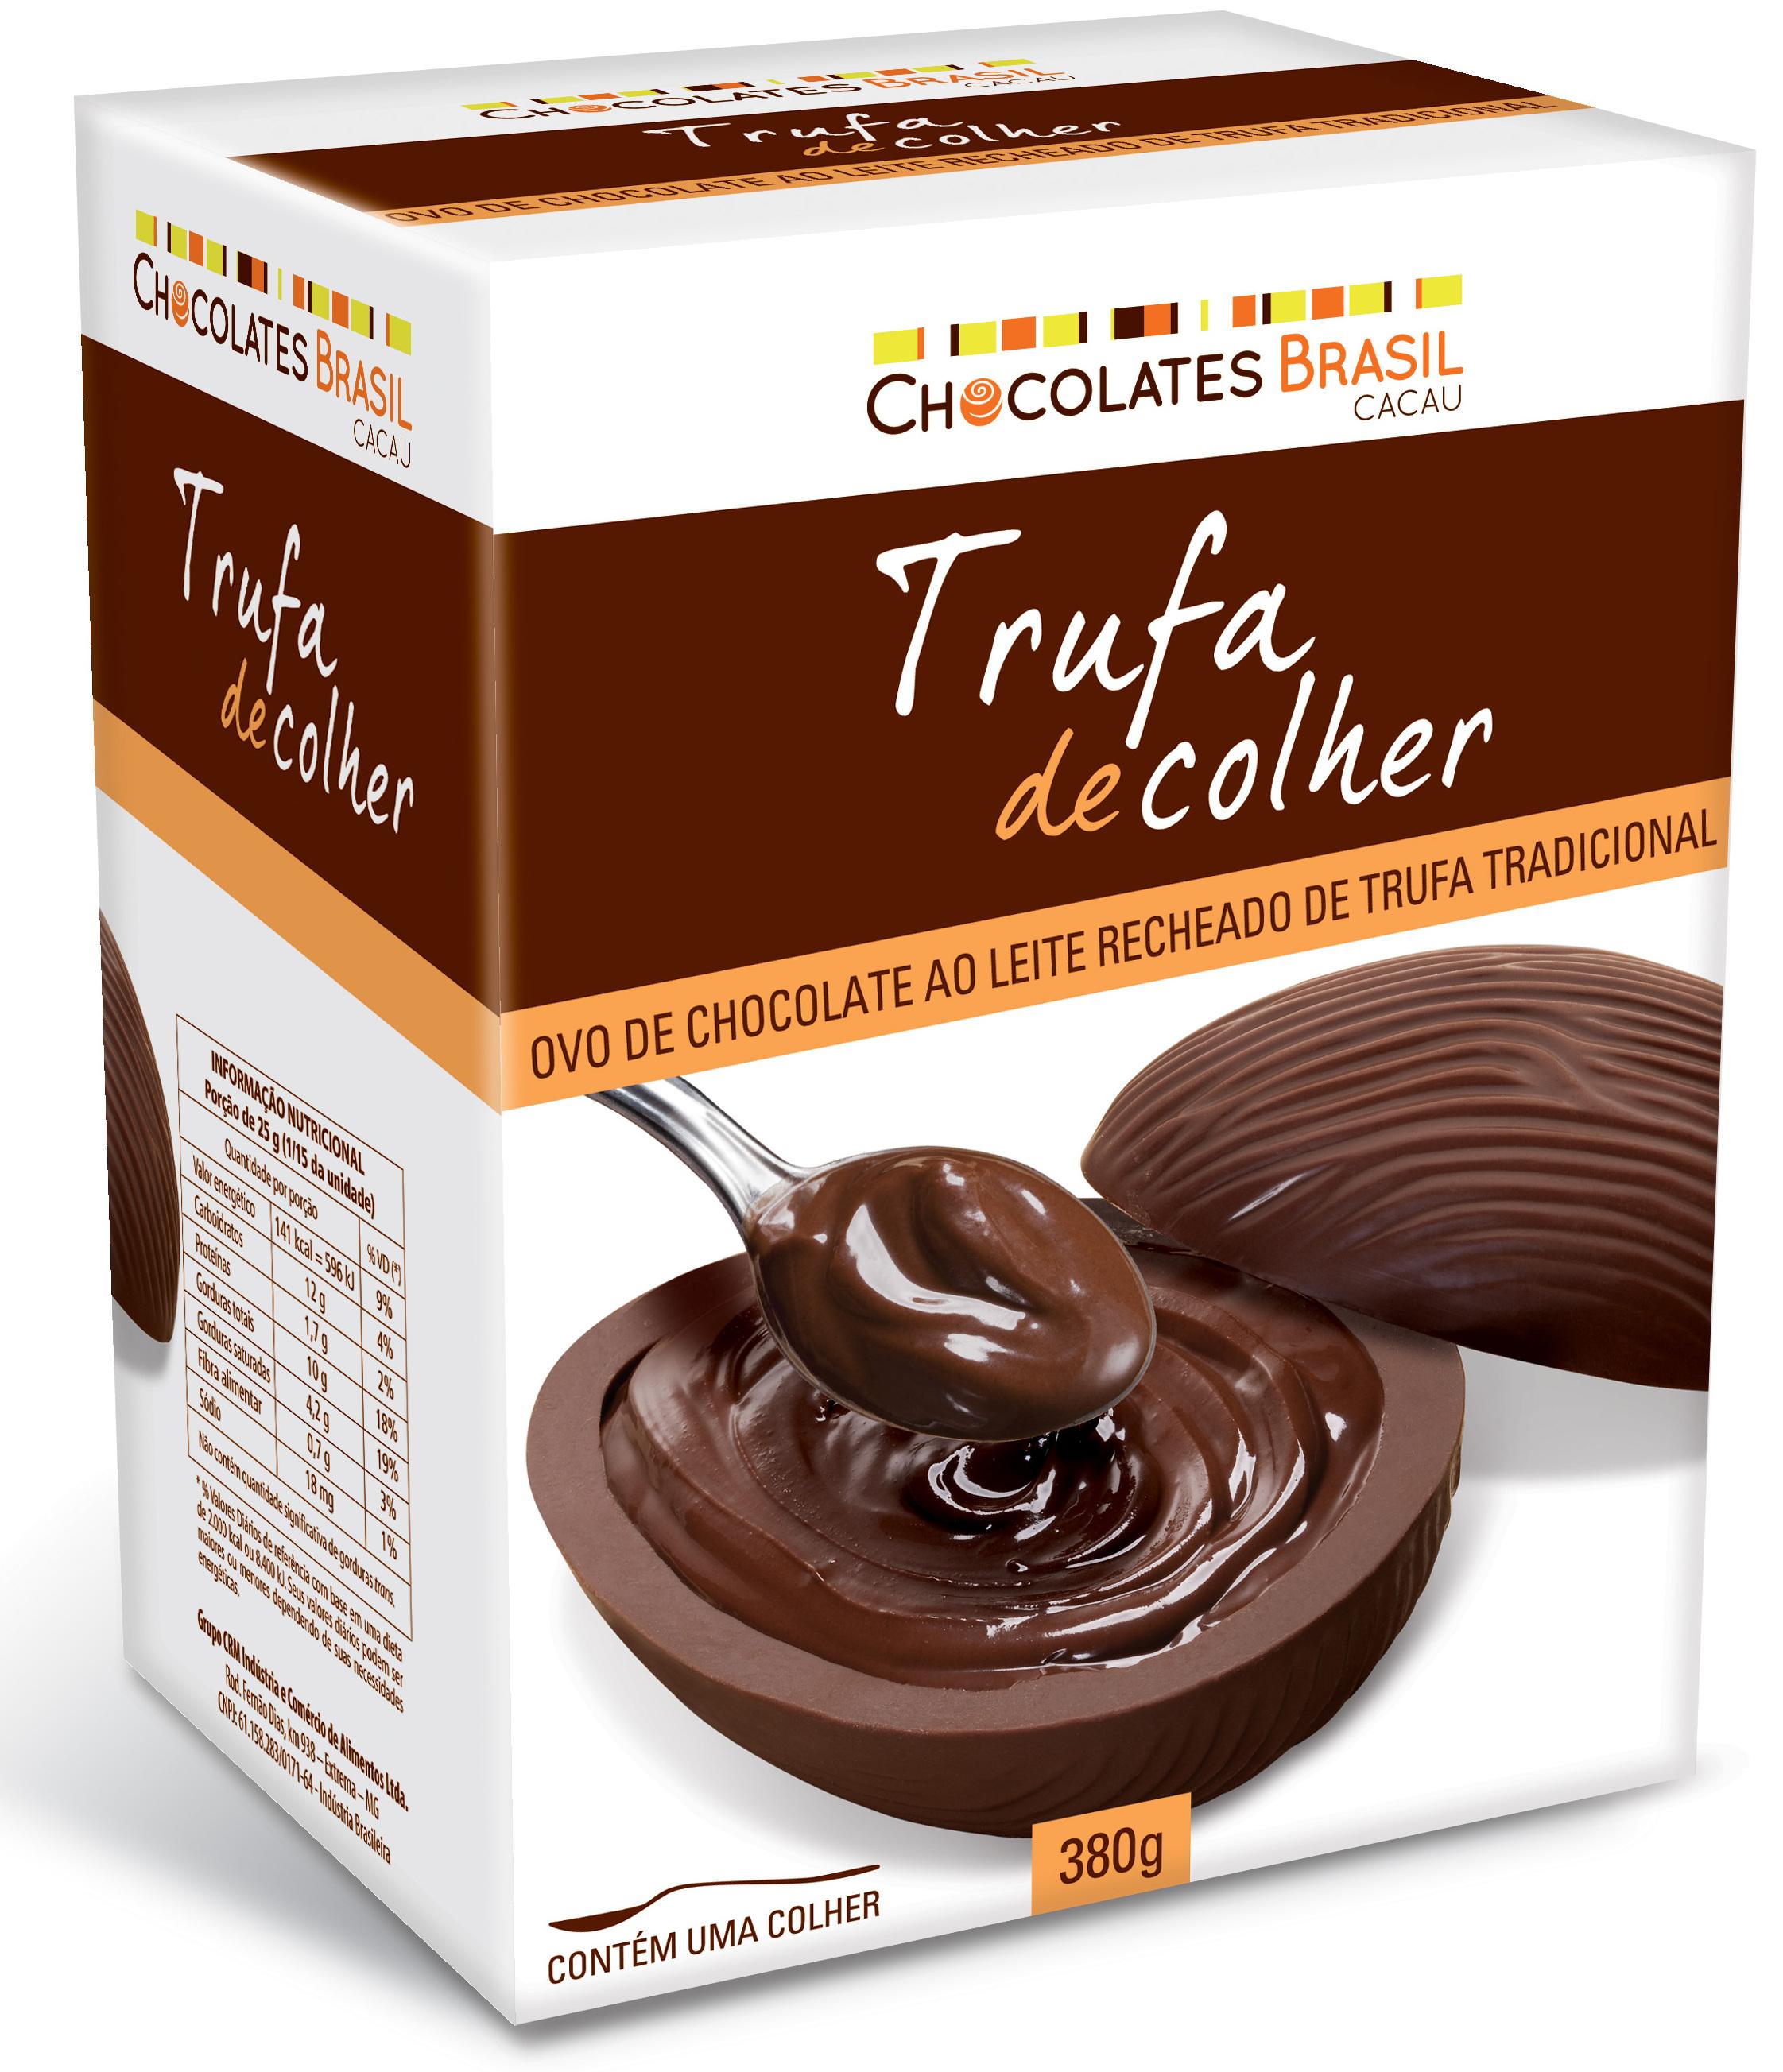 Ovo Chocolates Brasil Cacau